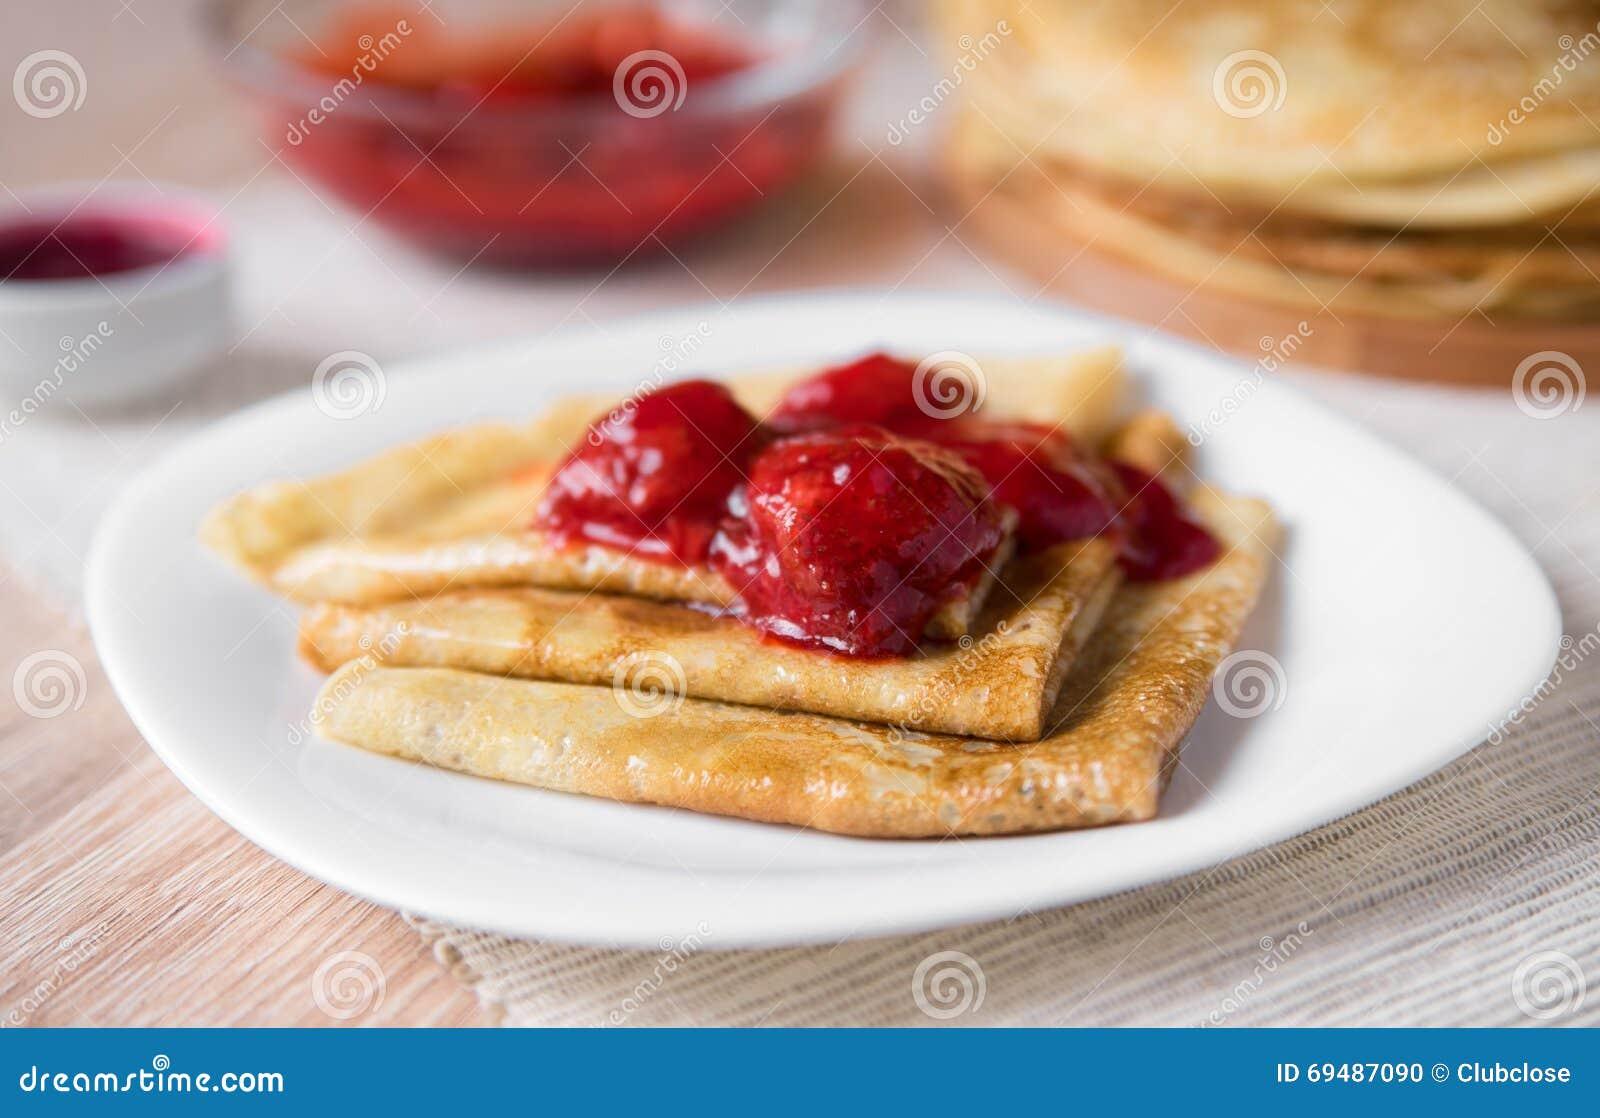 变薄俄国薄煎饼被折叠的三角用在一块白色板材的草莓调味汁